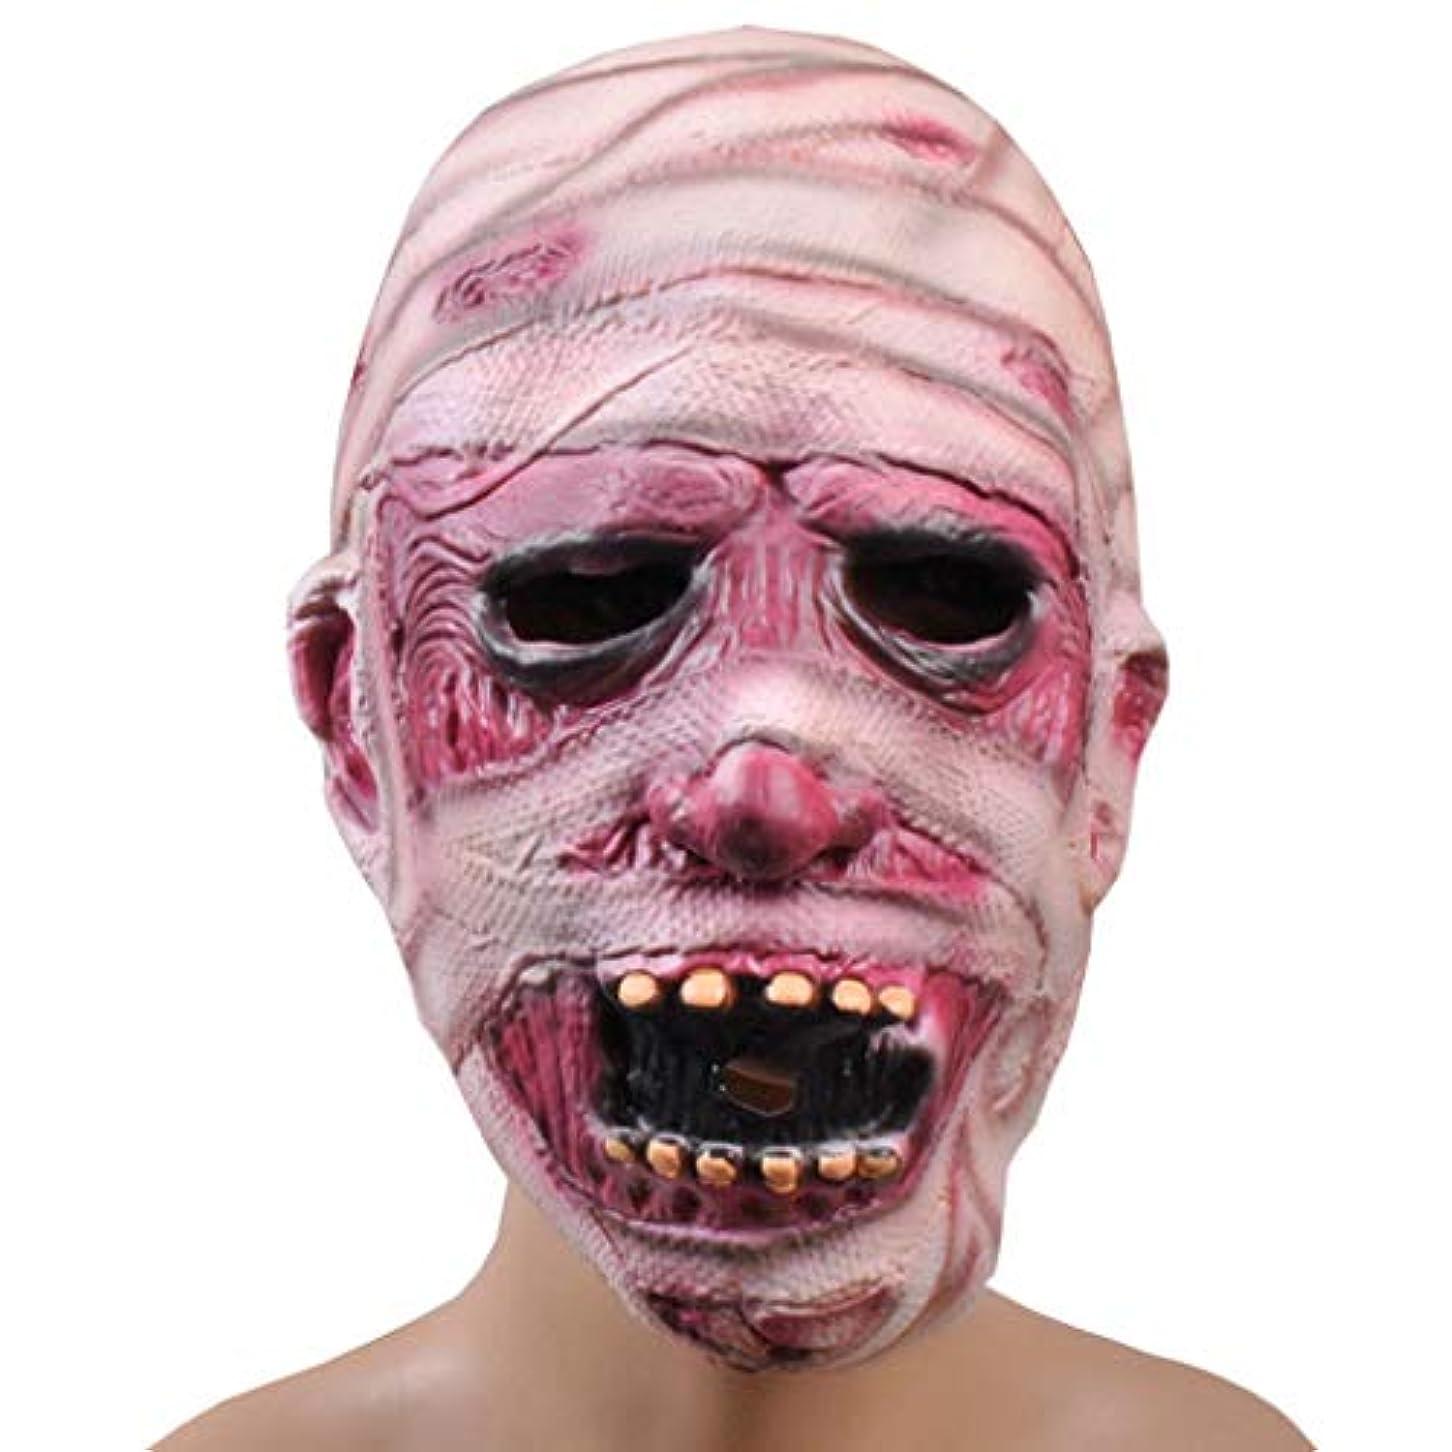 ペネロペ計算可能気づくなるハロウィンホラーしかめっ面マスクゴーストフェスティバルラテックスマスクホラー怖いマスクゴーストゾンビミイラマスク (Color : A)